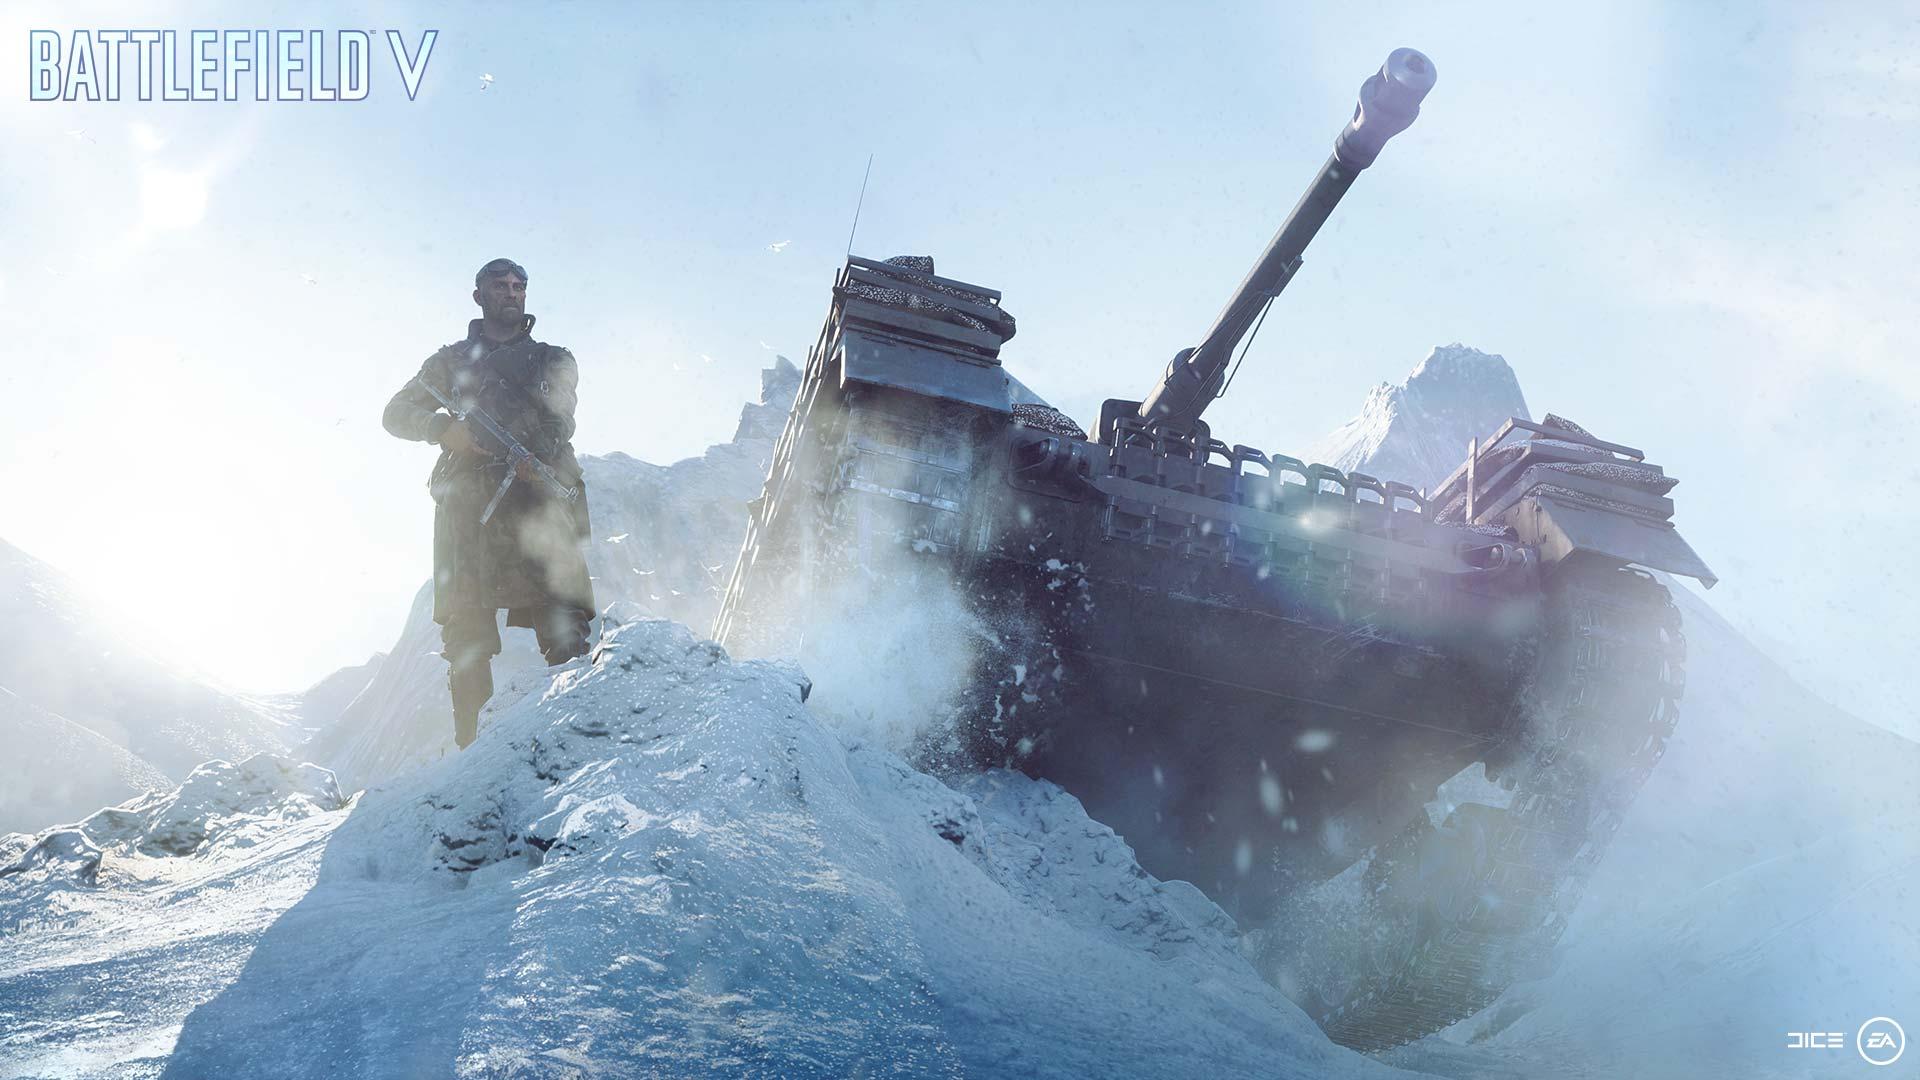 Battlefield 5 tank